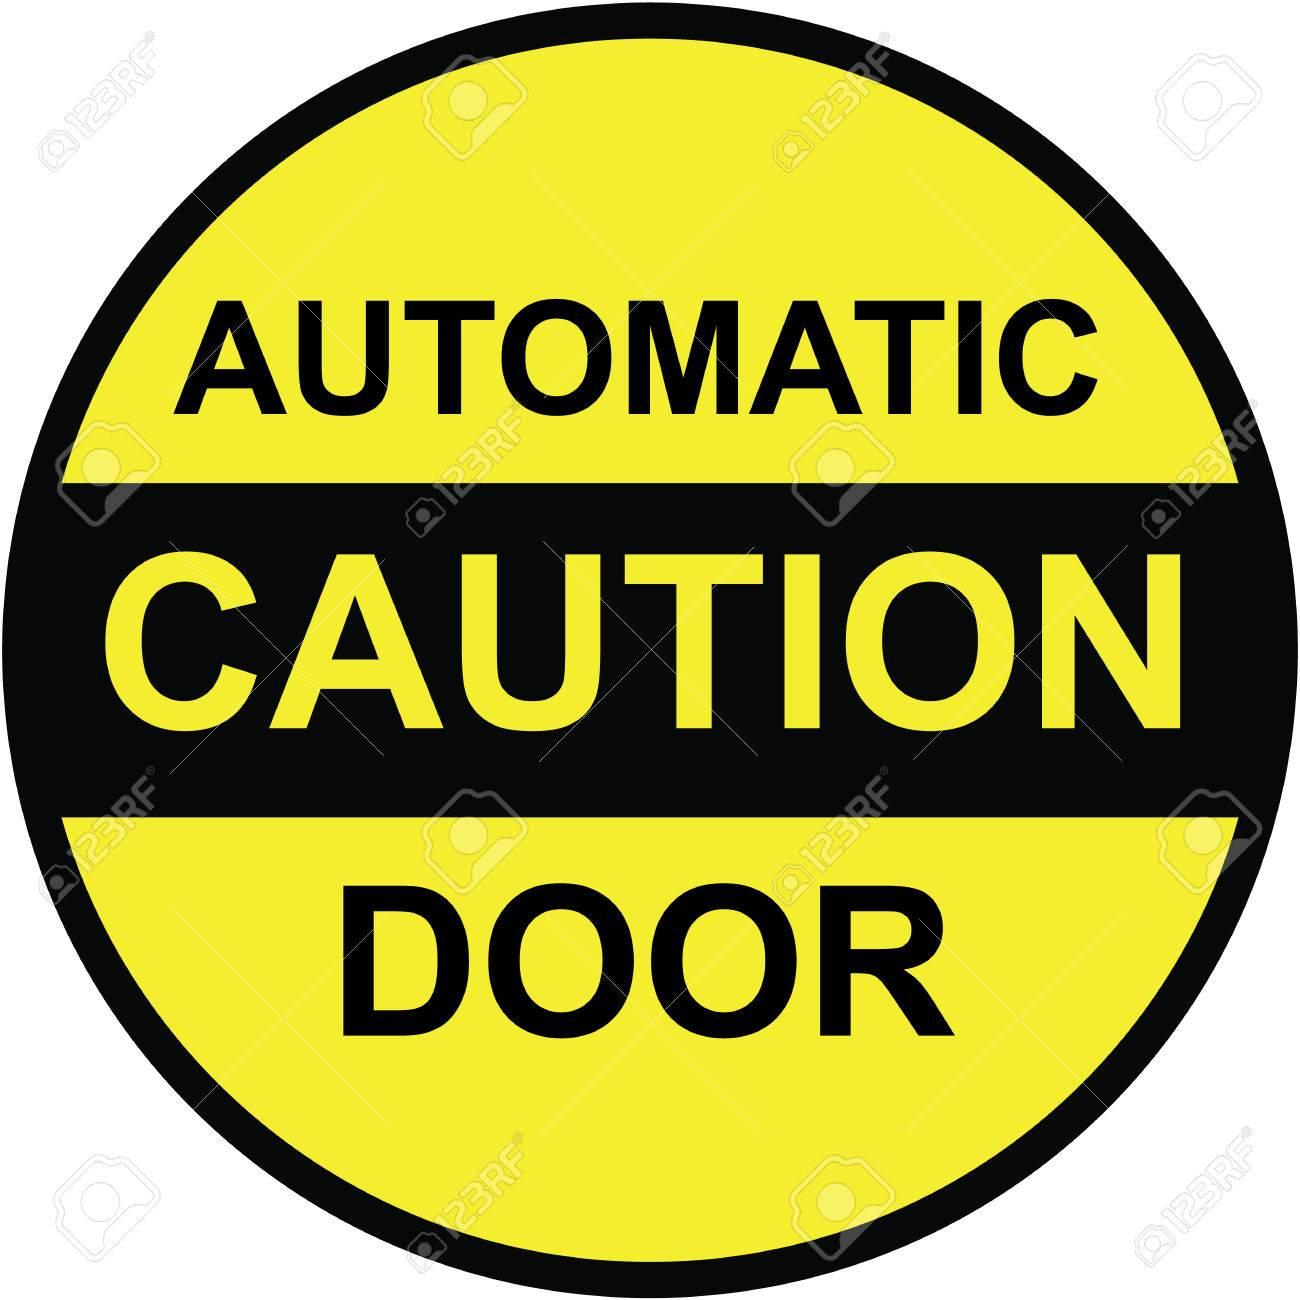 Vorsicht Automatische Tür Vektor Zeichen Clip-Art Lizenzfrei ...